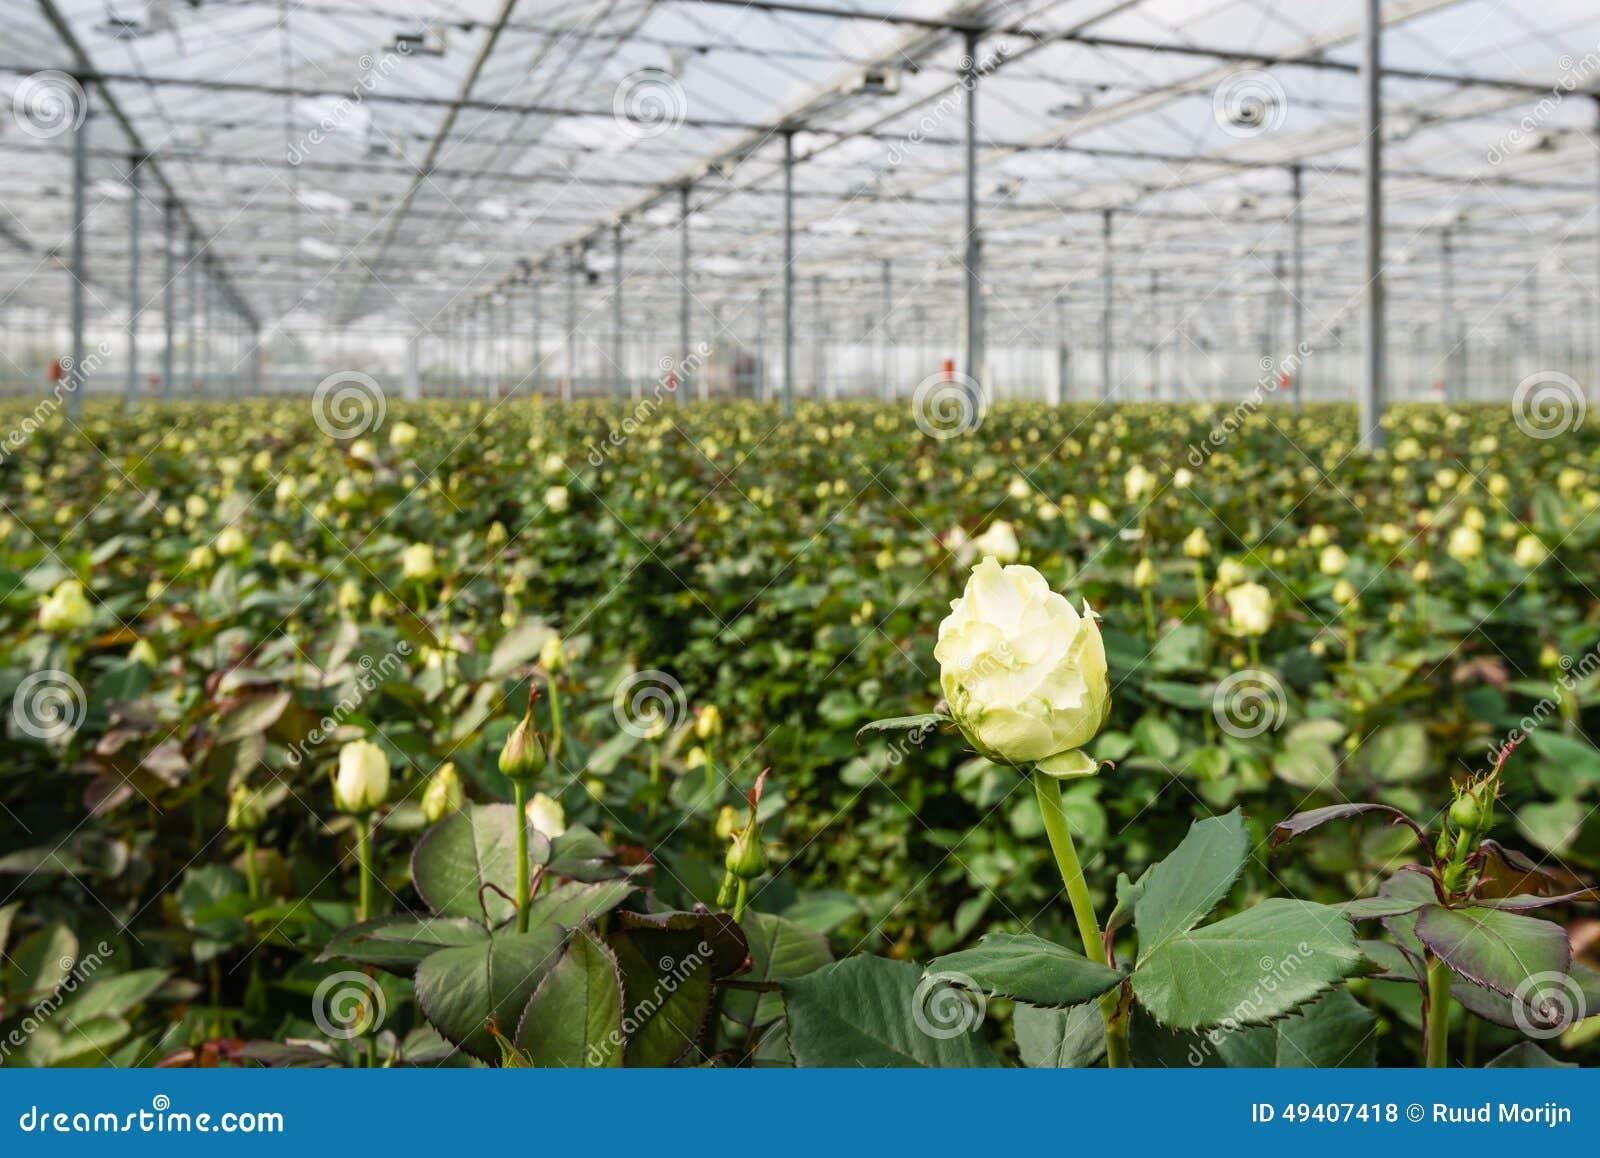 Download Weiße Blühende Rose, Die In Einem Gewächshaus Wächst Stockfoto - Bild von floral, sahnig: 49407418